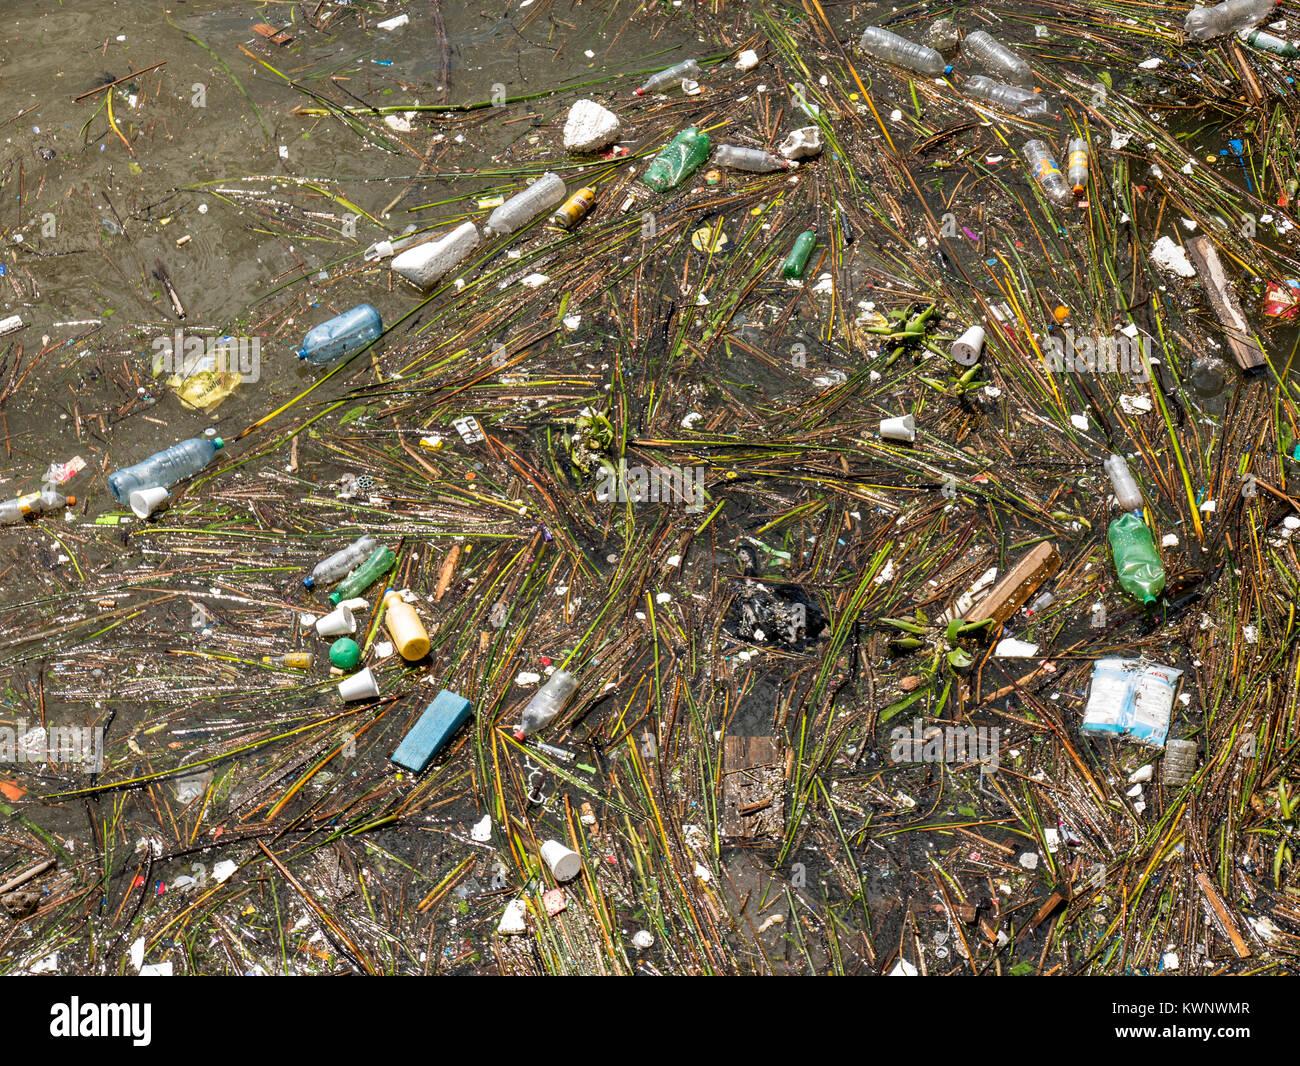 La contaminación, los desechos; basura; basura flotando en el Océano Atlántico a lo largo de la costa Imagen De Stock